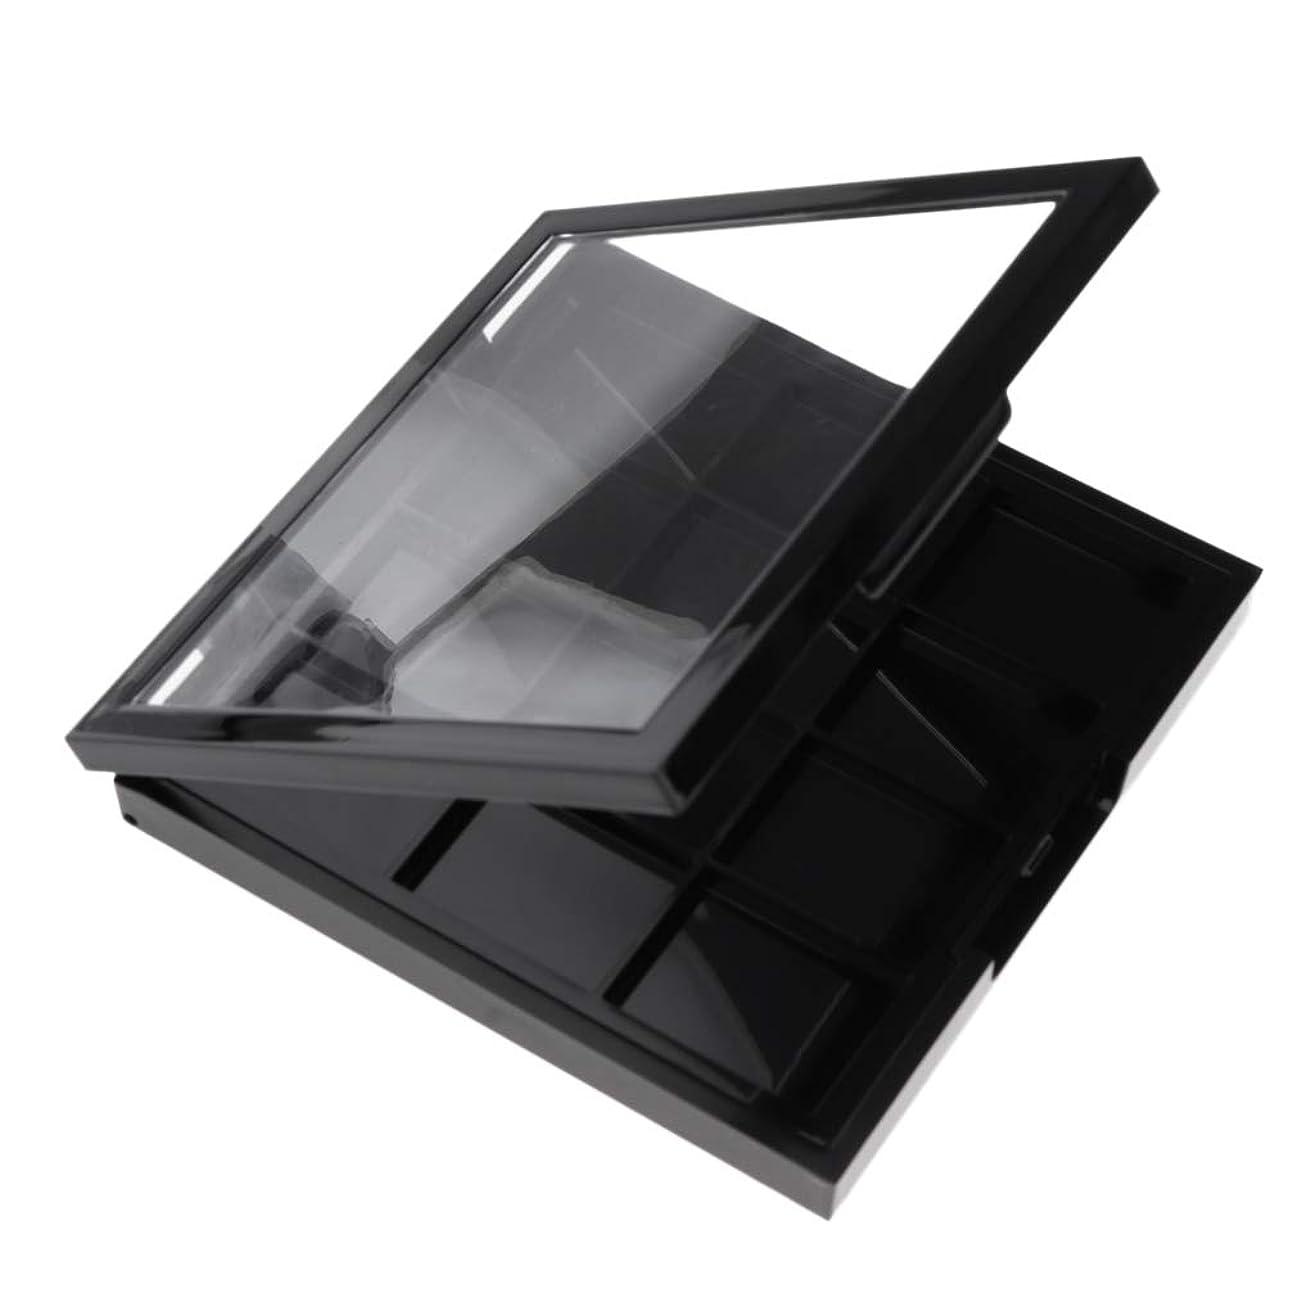 とらえどころのない順応性レトルトSM SunniMix 12グリッド アイシャドウパレット コスメパレット 収納ボックス 収納ケース アイシャドウケース